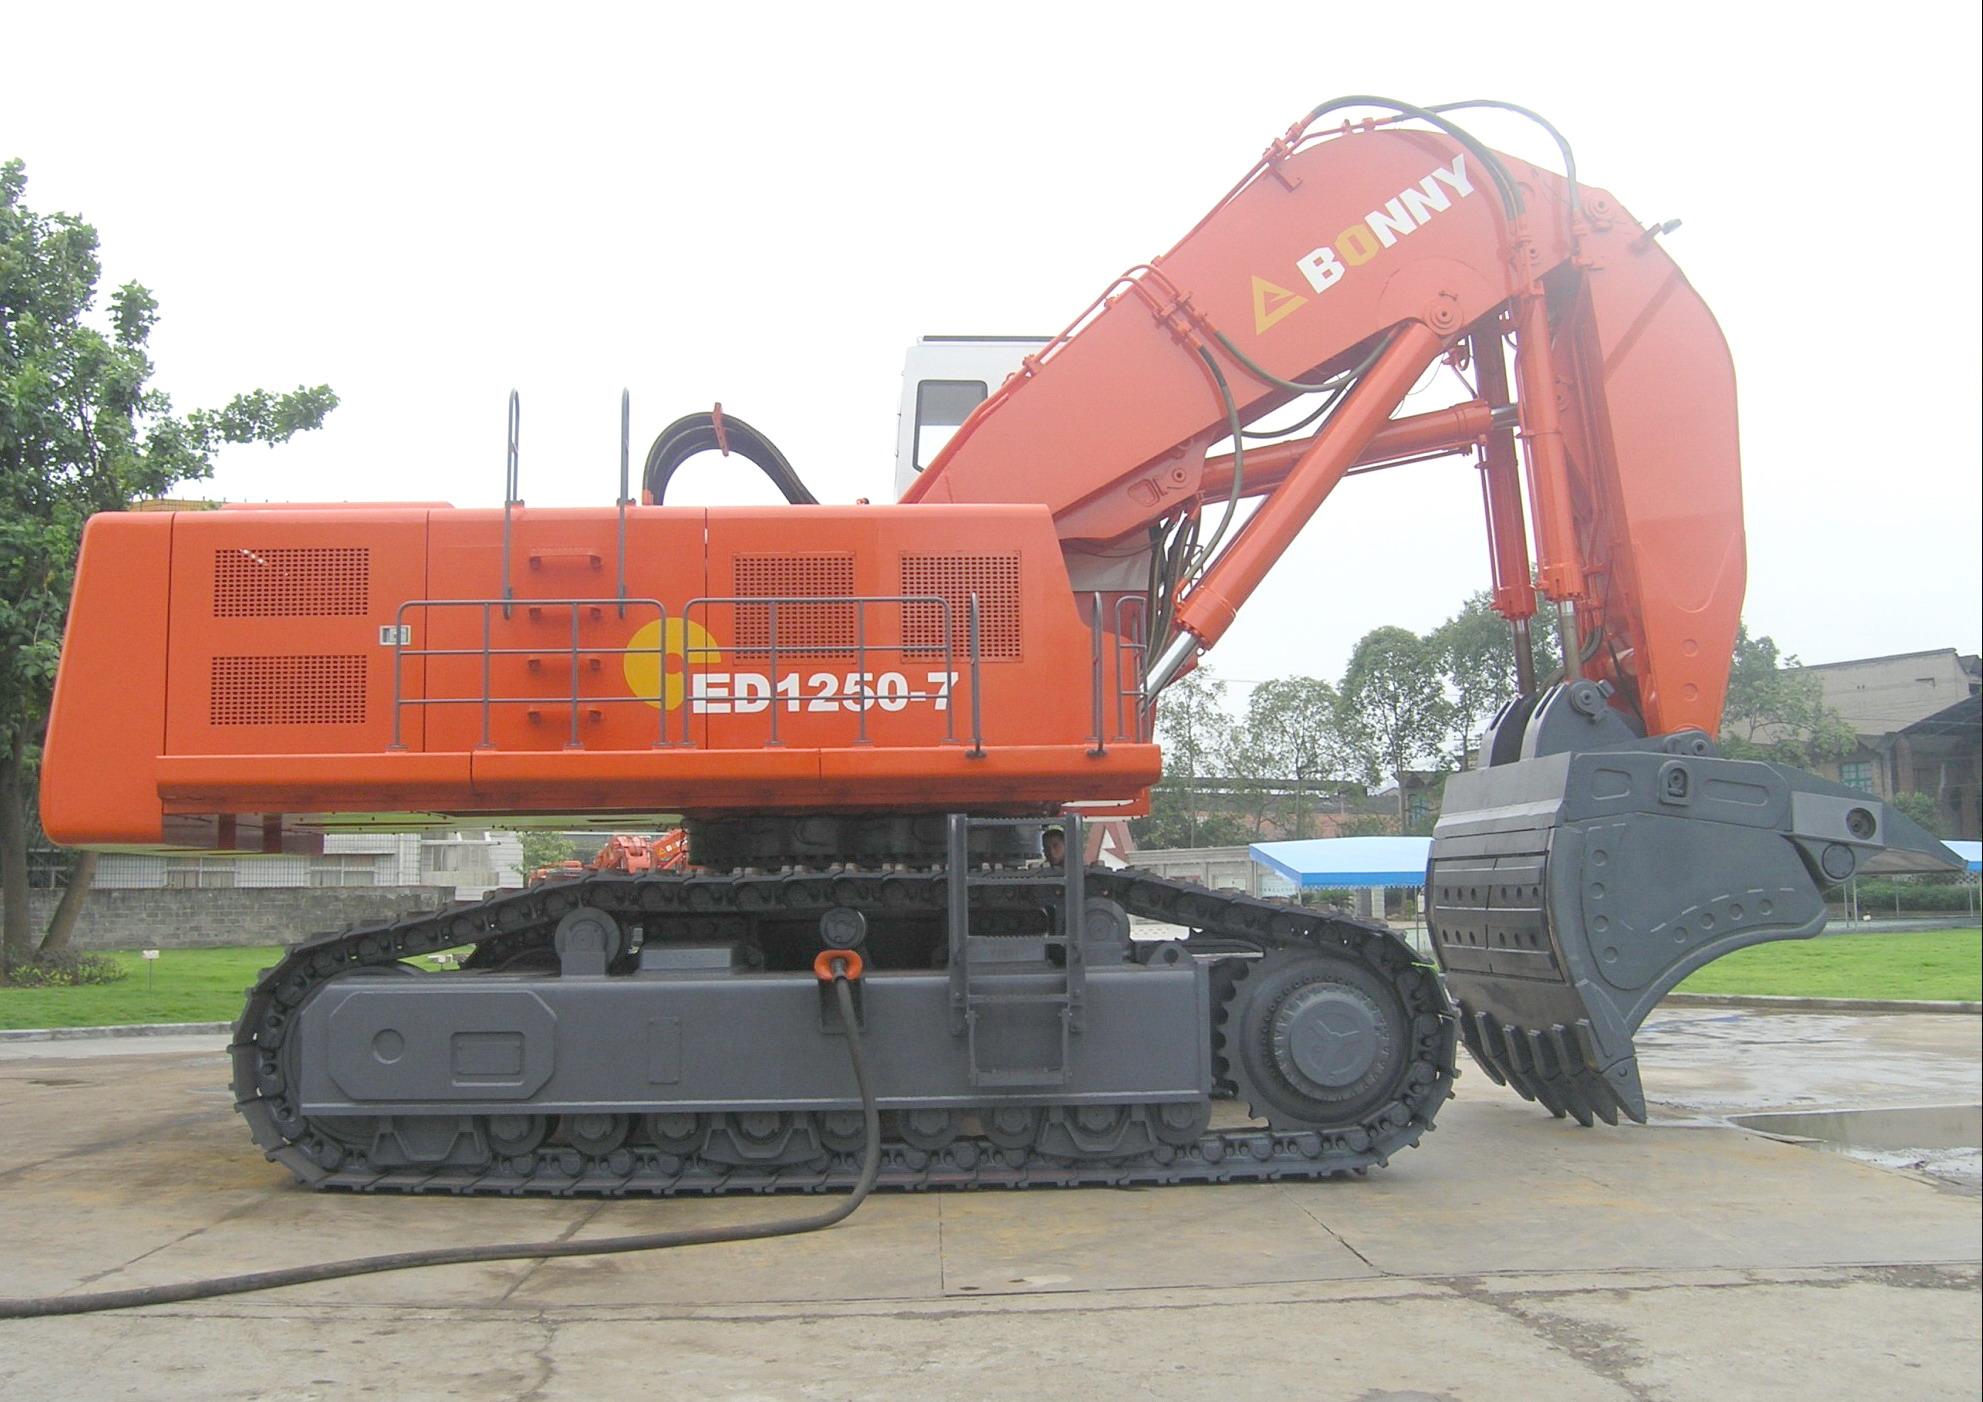 CED1250